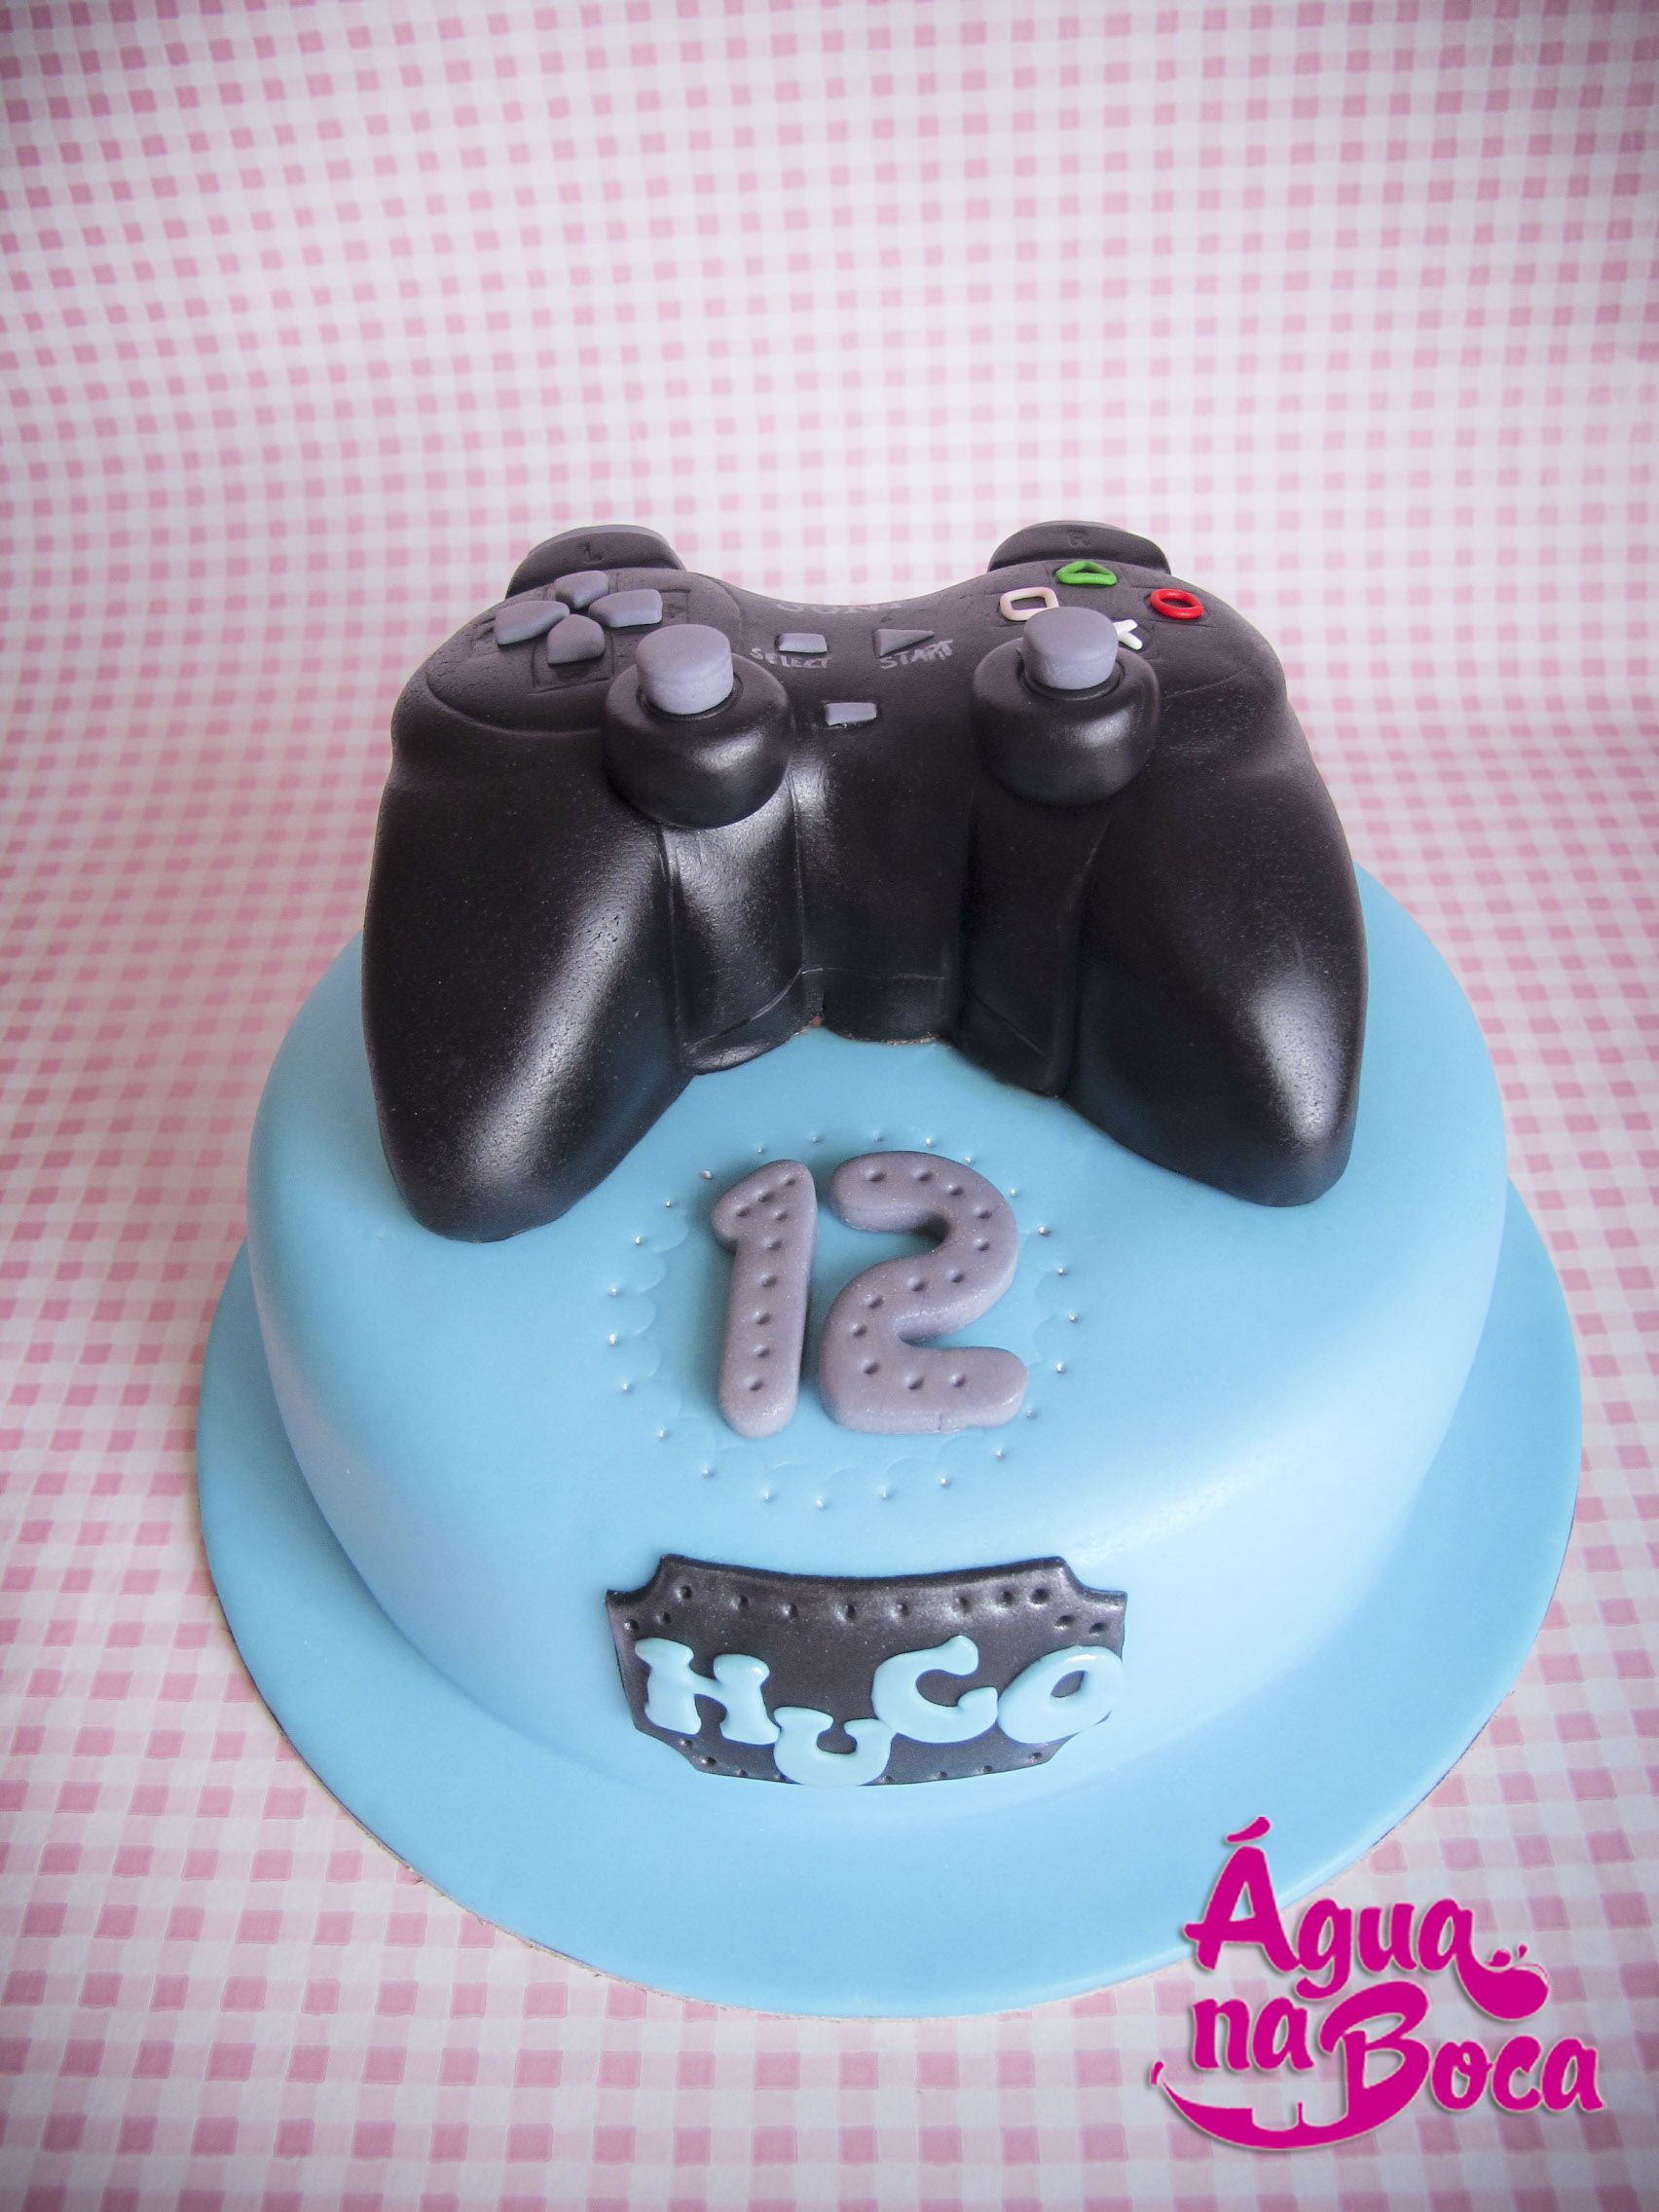 Agua Na Boca Concept Design Store Cake Cake Decorating Cake Design